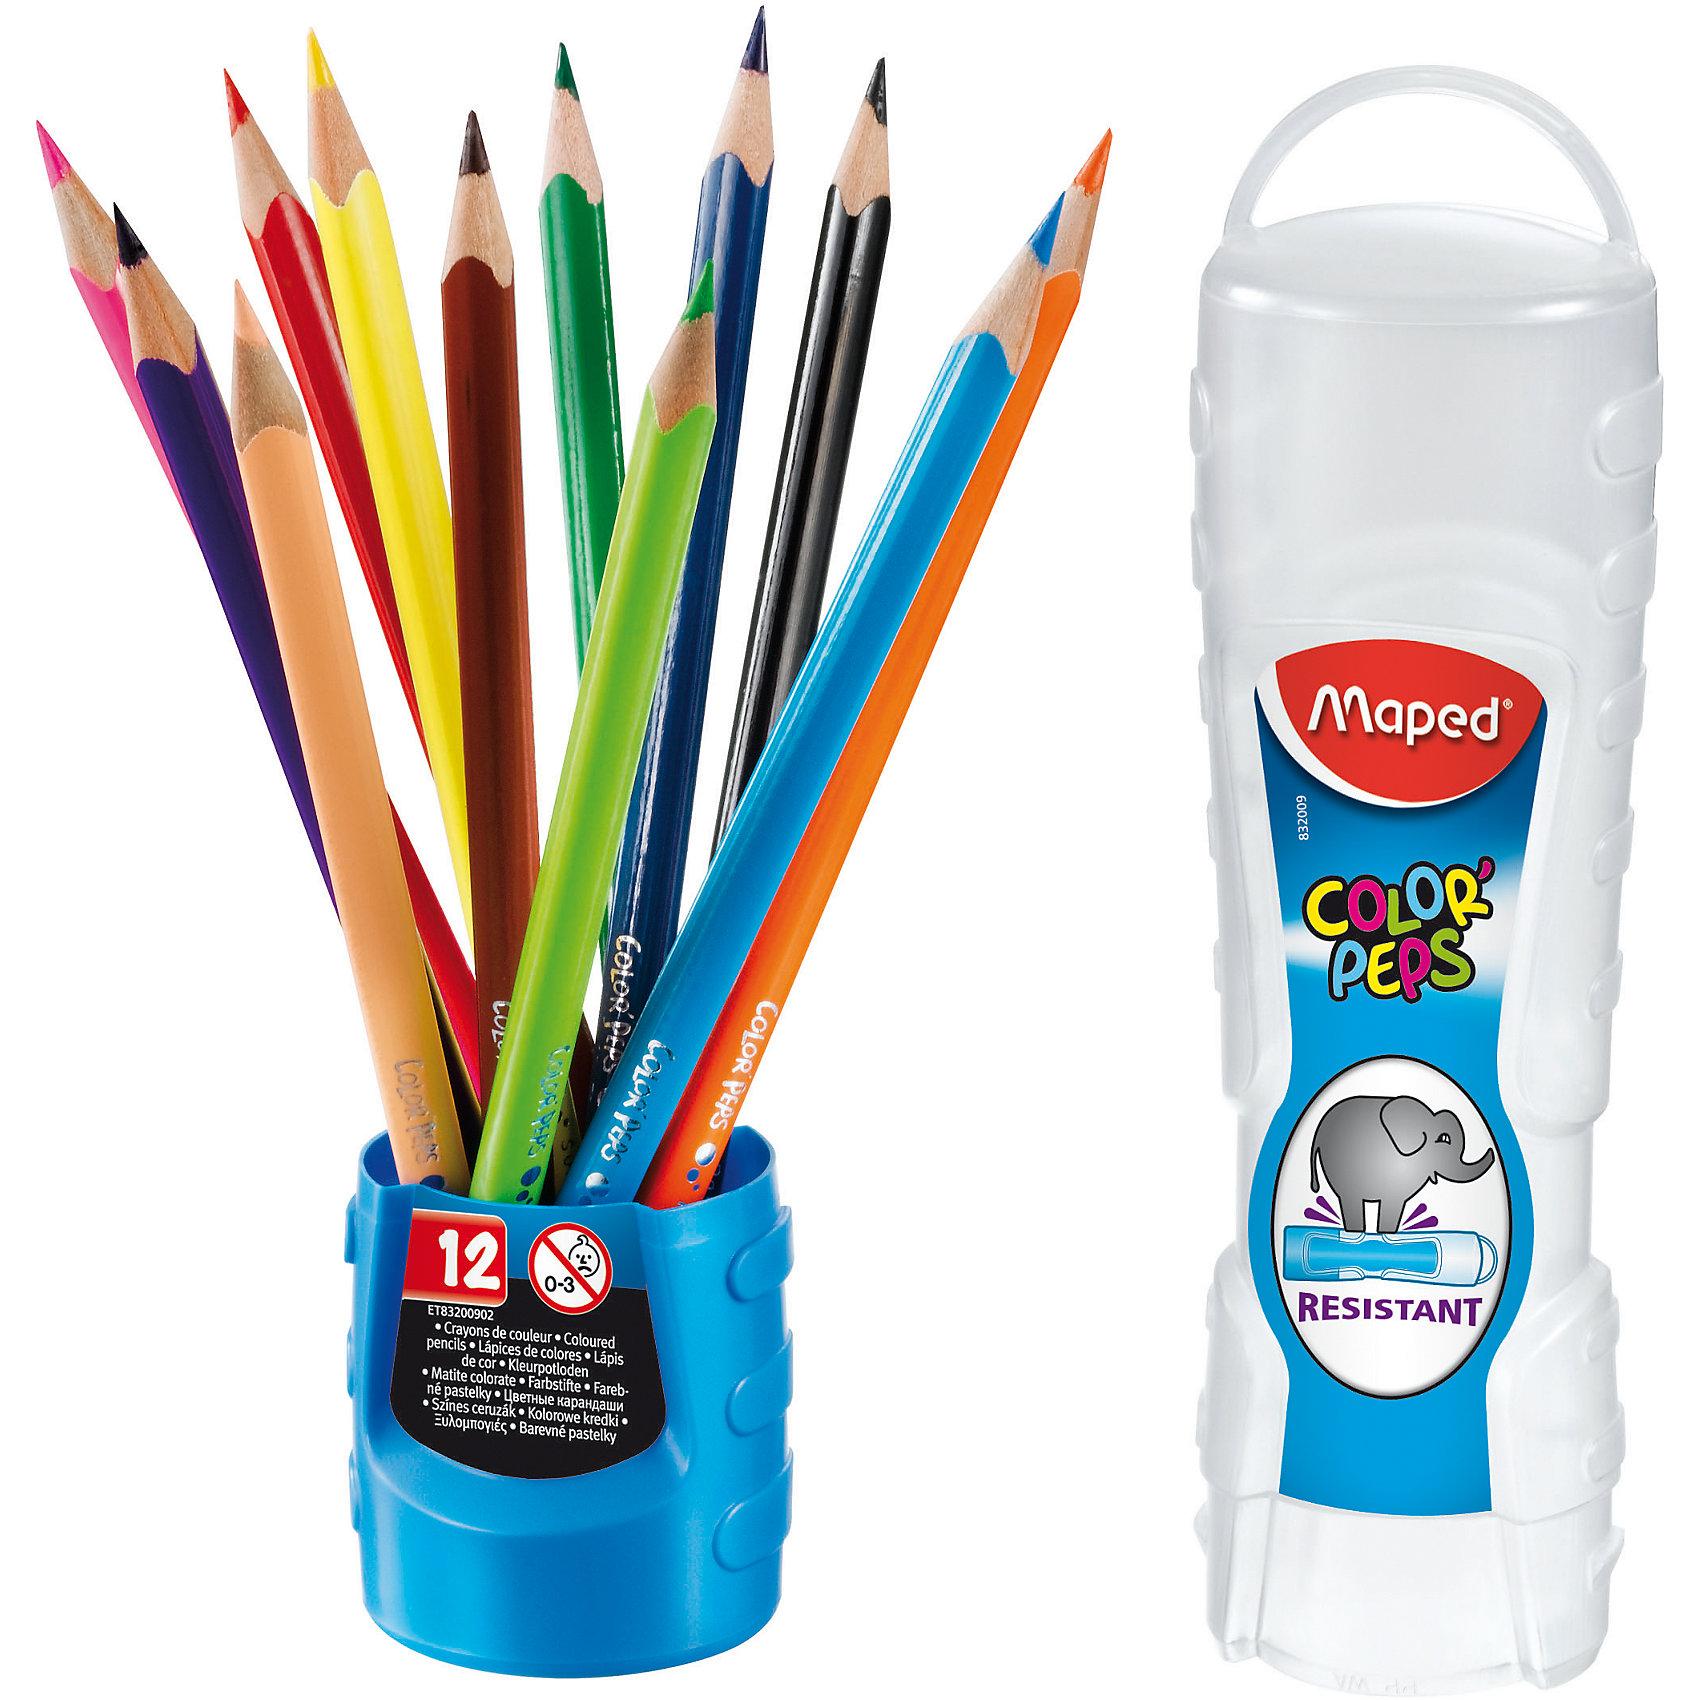 Карандаши цветные COLORPEPS, треугольные, 12 цветов, MAPEDПисьменные принадлежности<br>Карандаши цветные COLORPEPS, треугольные, 12 цветов, MAPED (МАПЕД).<br><br>Характеристики:<br><br>• Для детей в возрасте: от 3 лет<br>• В наборе: 12 карандашей<br>• Количество цветов: 12<br>• Длина карандаша: 17,5 см.<br>• Диаметр карандаша: 7 мм.<br>• Диаметр грифеля: 2,9 мм.<br>• Изготовлены из древесины американской липы<br>• Упаковка: пластиковый пенал-тубус<br>• Размер упаковки: 202х45х45 мм.<br>• Вес: 78 гр.<br><br>Набор цветных карандашей Color Peps идеален для раскрашивания и рисования. Набор содержит 12 карандашей, ярких насыщенных цветов. Карандаши имеют мягкий, ударопрочный грифель.Эргономичная треугольная форма позволяет легко и удобно держать карандаш в руке даже самым маленьким. Карандаши не трескаются и легко затачиваются. Корпус карандашей изготовлен из древесины американской липы. Карандаши упакованы в удобный ударопрочный пенал-тубус, который компактно размешается в школьном ранце, а при необходимости легко превращается в стаканчик для карандашей.<br><br>Карандаши цветные COLORPEPS, треугольные, 12 цветов, MAPED (МАПЕД) можно купить в нашем интернет-магазине.<br><br>Ширина мм: 202<br>Глубина мм: 48<br>Высота мм: 470<br>Вес г: 99<br>Возраст от месяцев: 36<br>Возраст до месяцев: 2147483647<br>Пол: Унисекс<br>Возраст: Детский<br>SKU: 5530026